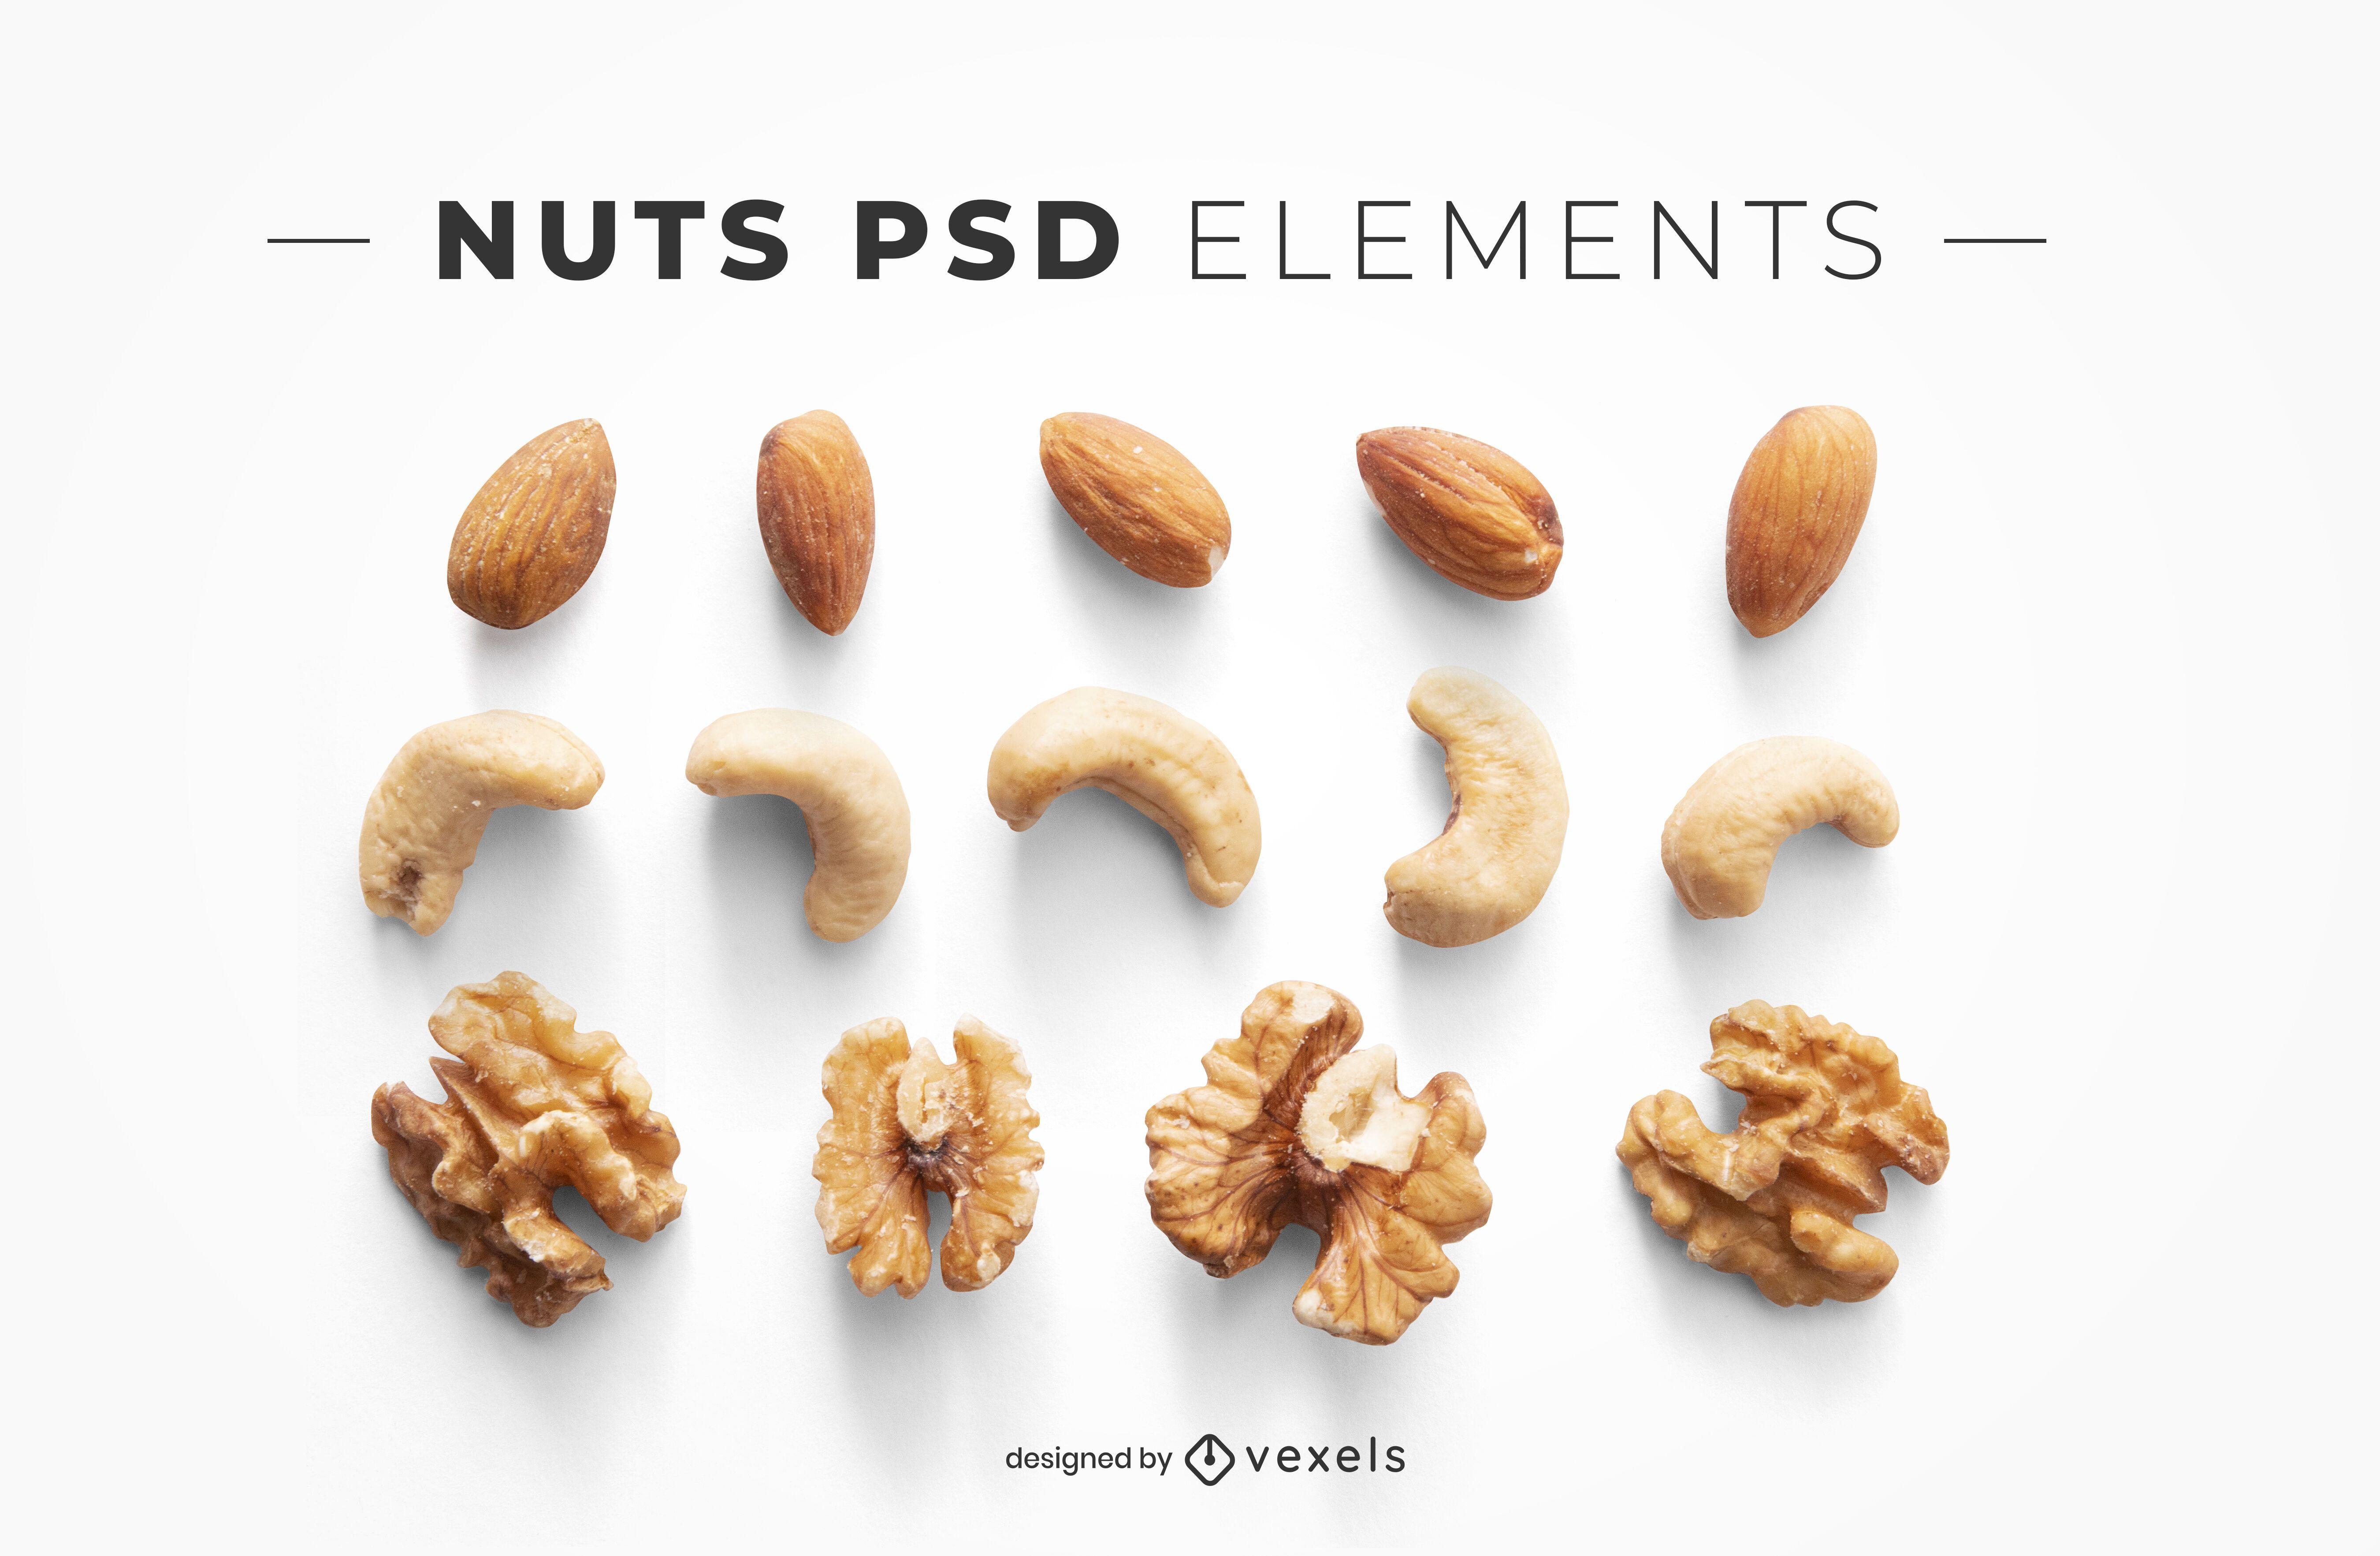 Elementos Nuts PSD para maquetes